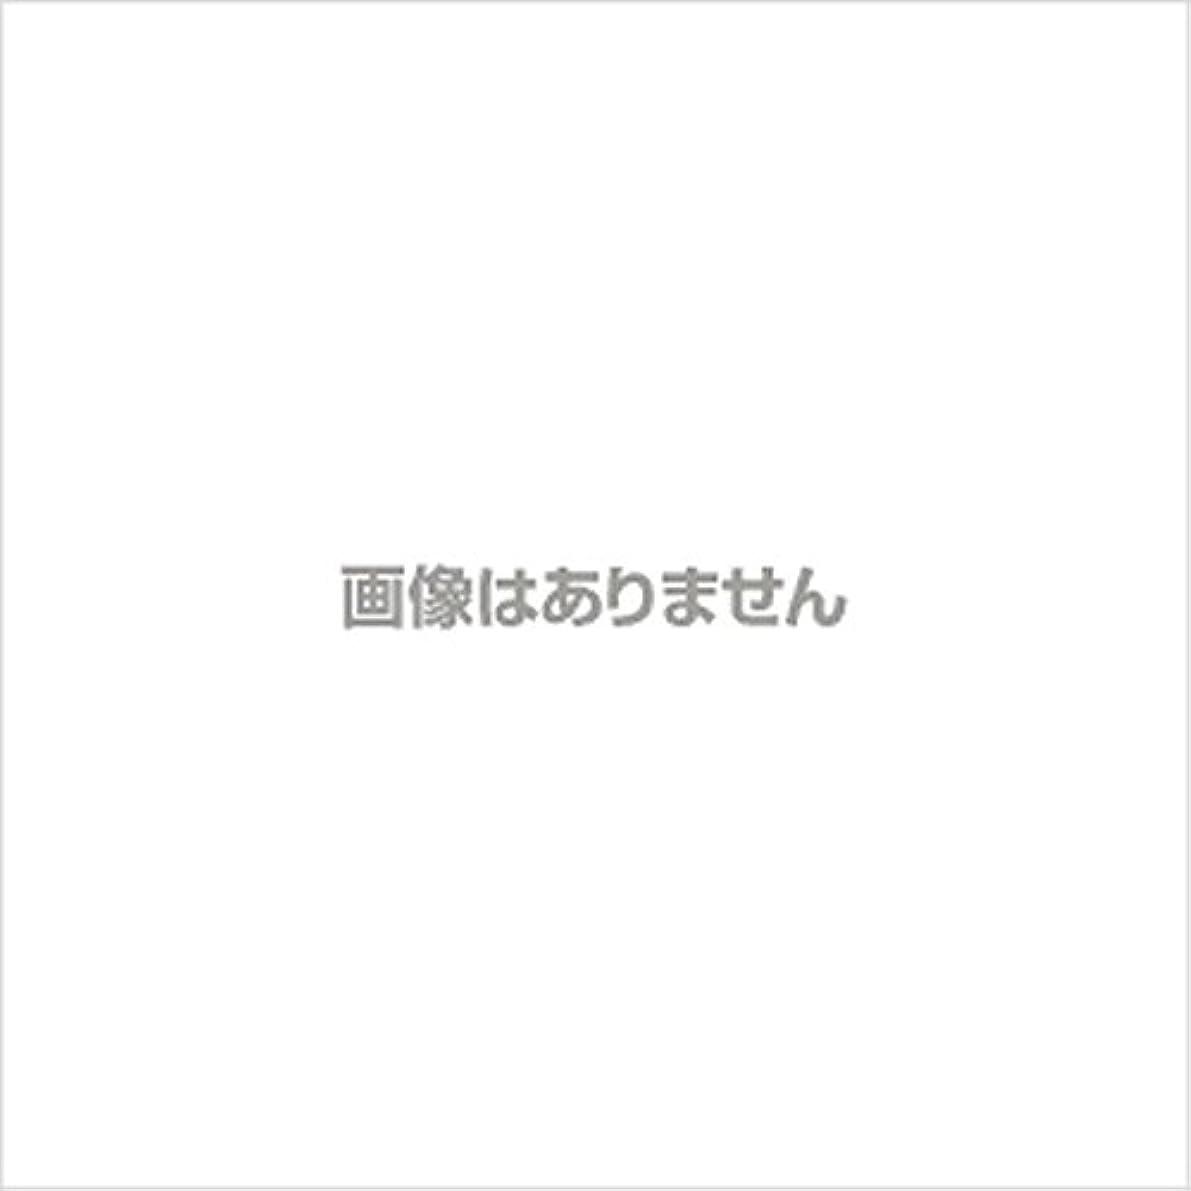 感謝祭批判アンドリューハリディニュージャスト ヘルパーグローブ S(500枚入) 【商品コード】4010300